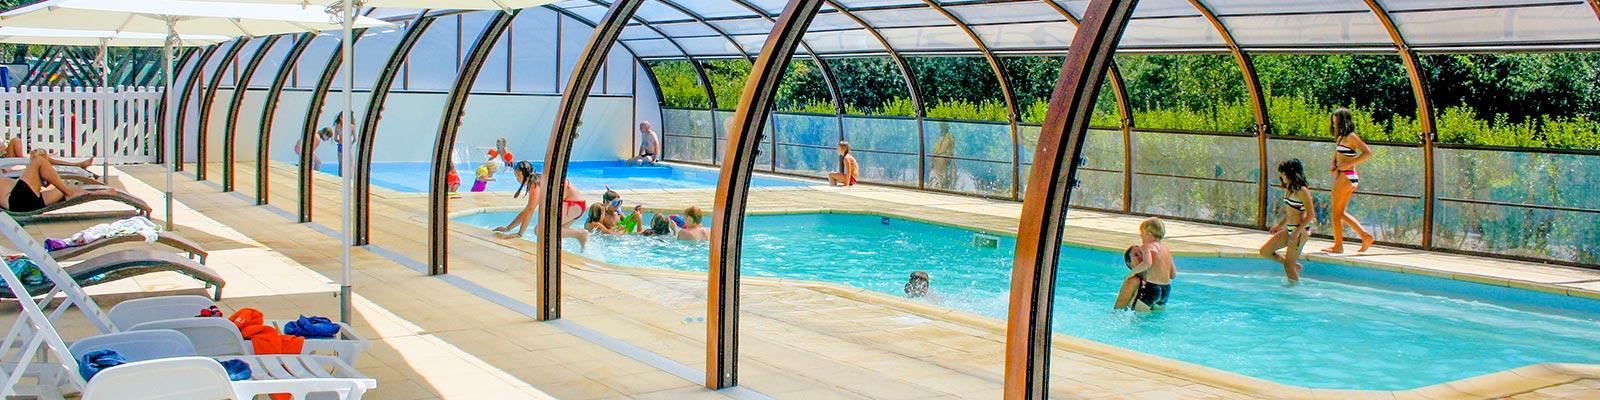 Camping les pieds dans l 39 eau vacances avec piscine et - Camping dordogne avec piscine et lac ...